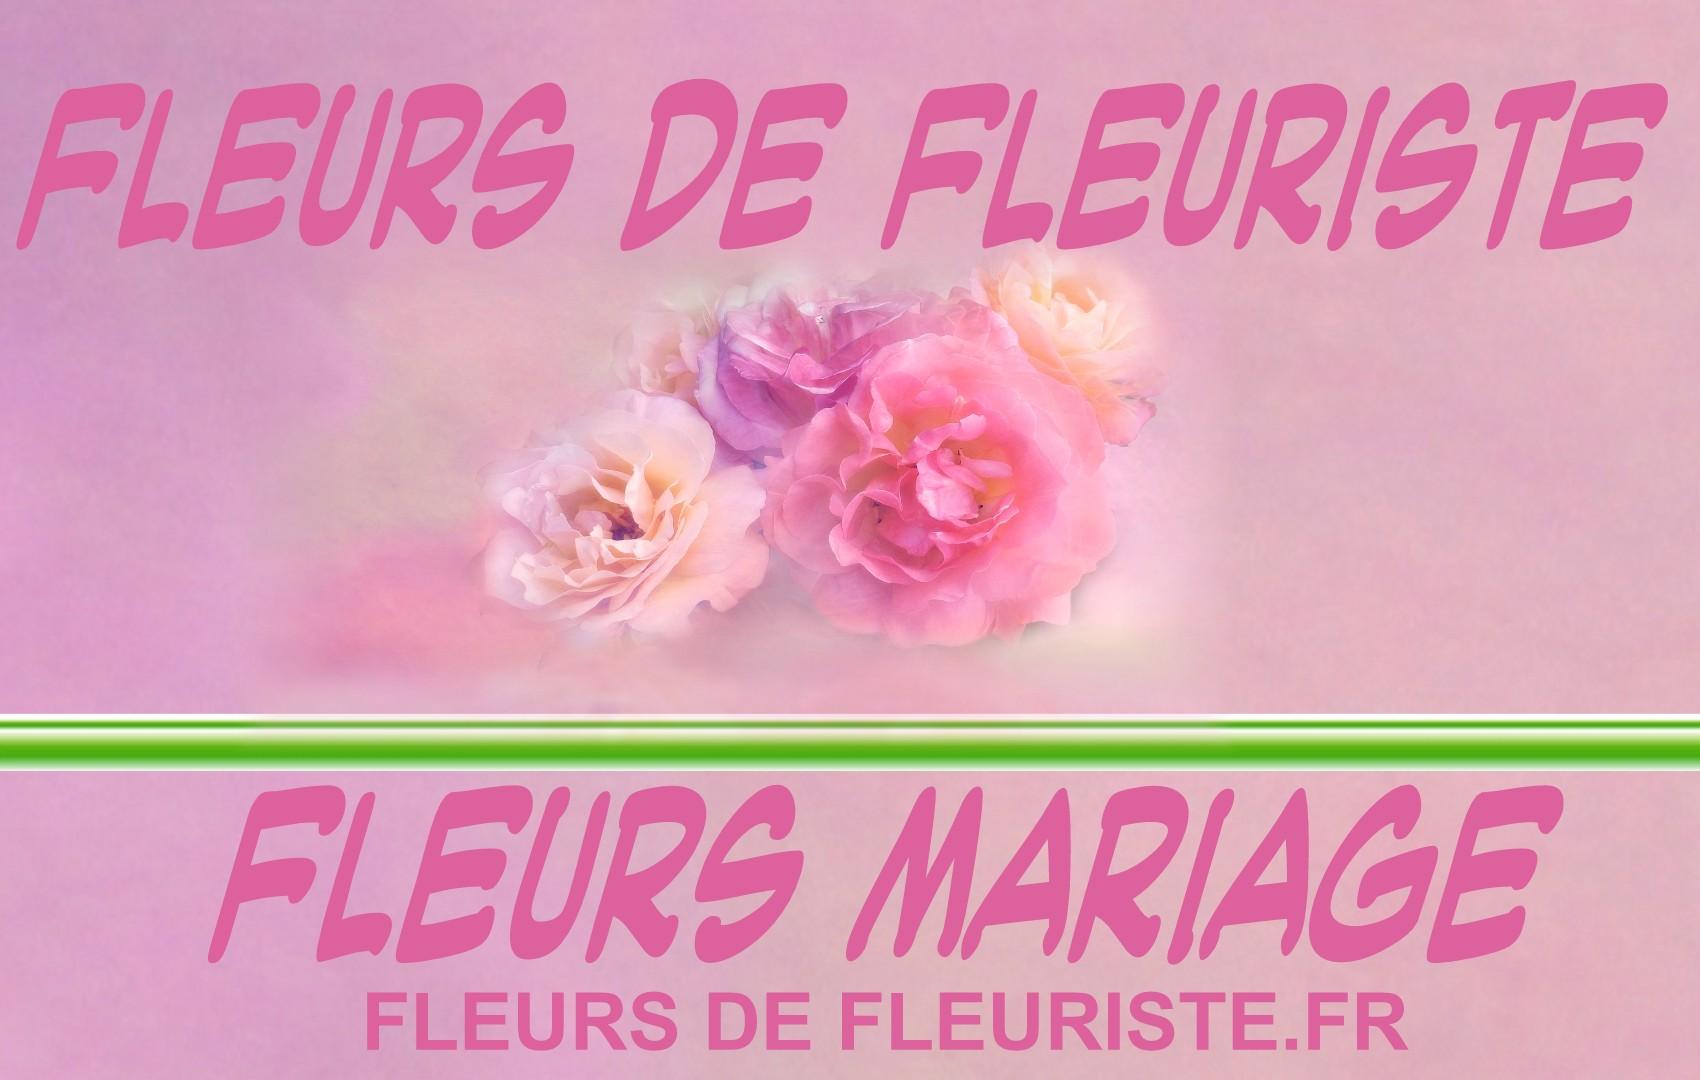 Envoyer des fleurs mariage